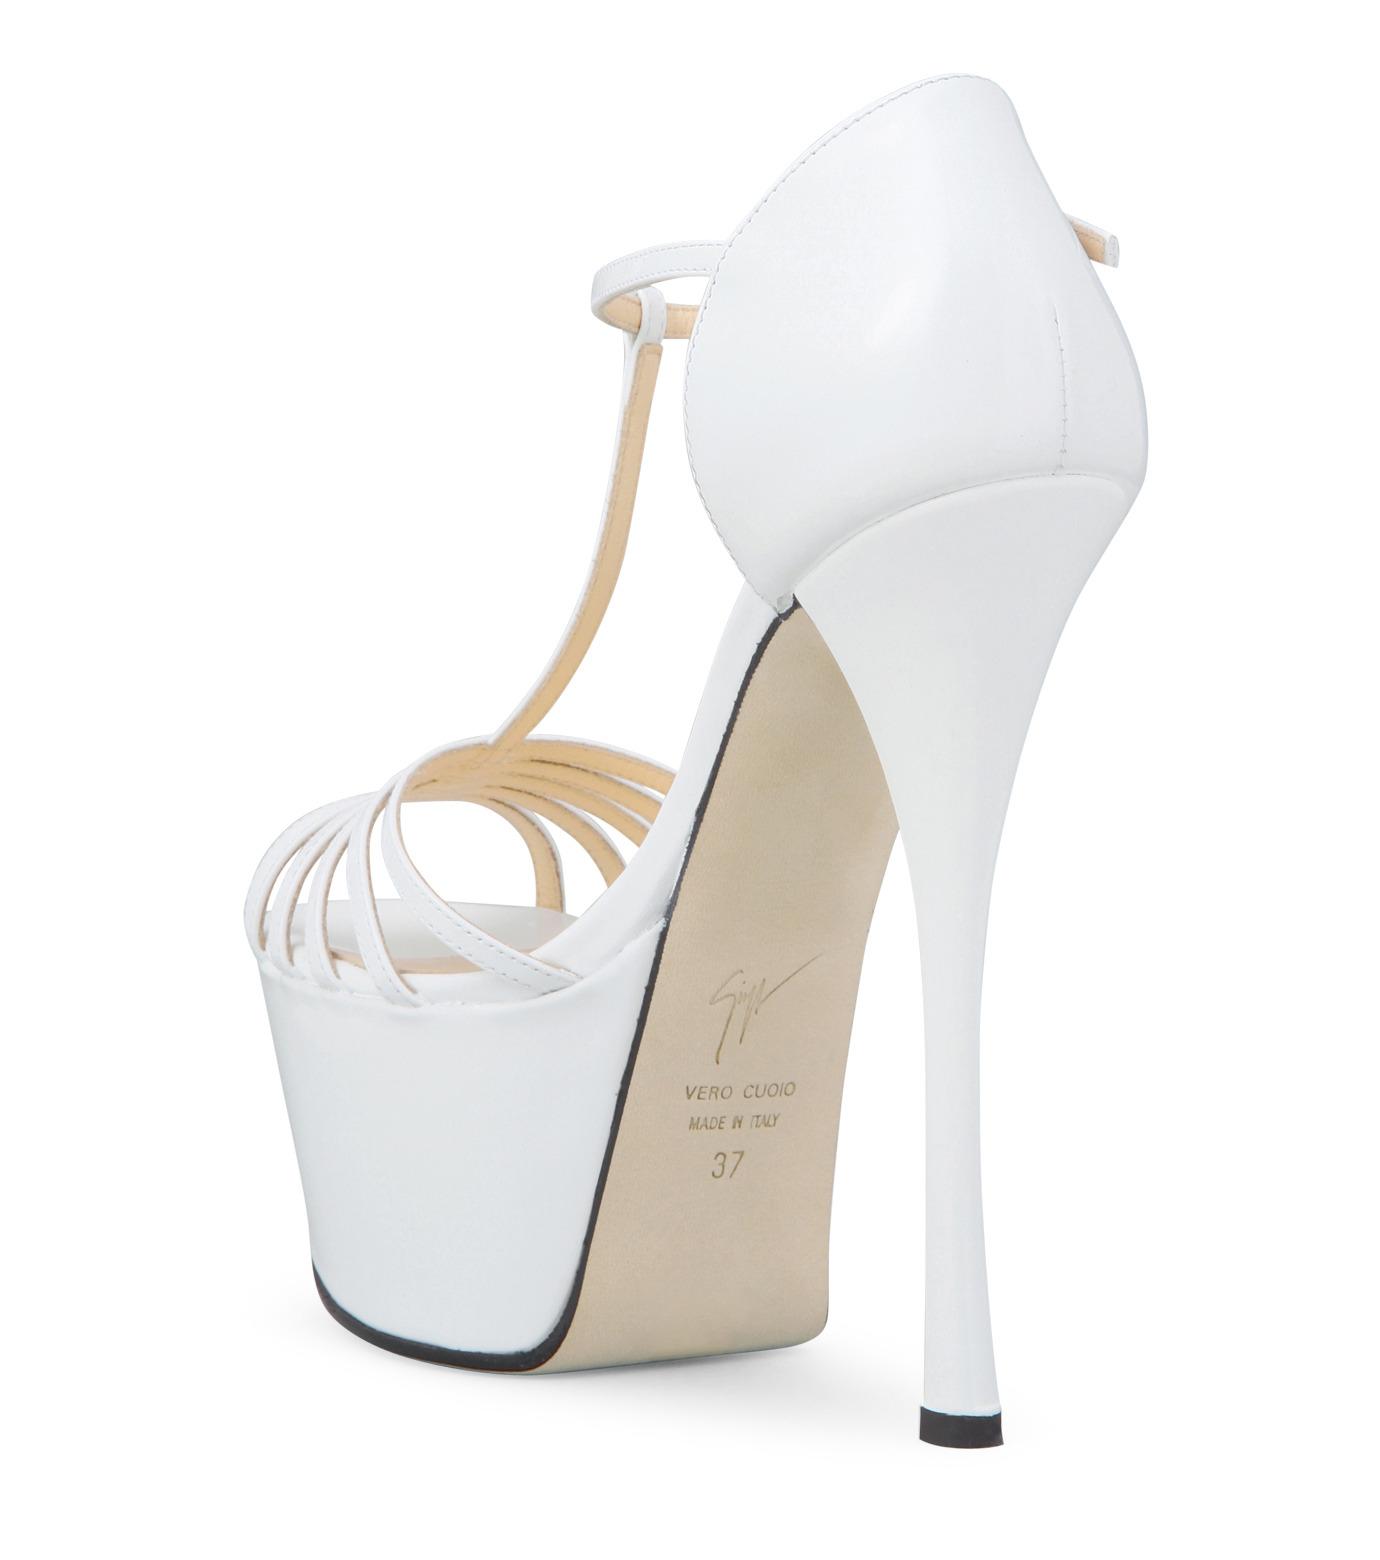 Giuseppe Zanotti Design(ジュゼッペザノッティ)のPlatform Sandal-WHITE-E30243-4 拡大詳細画像2